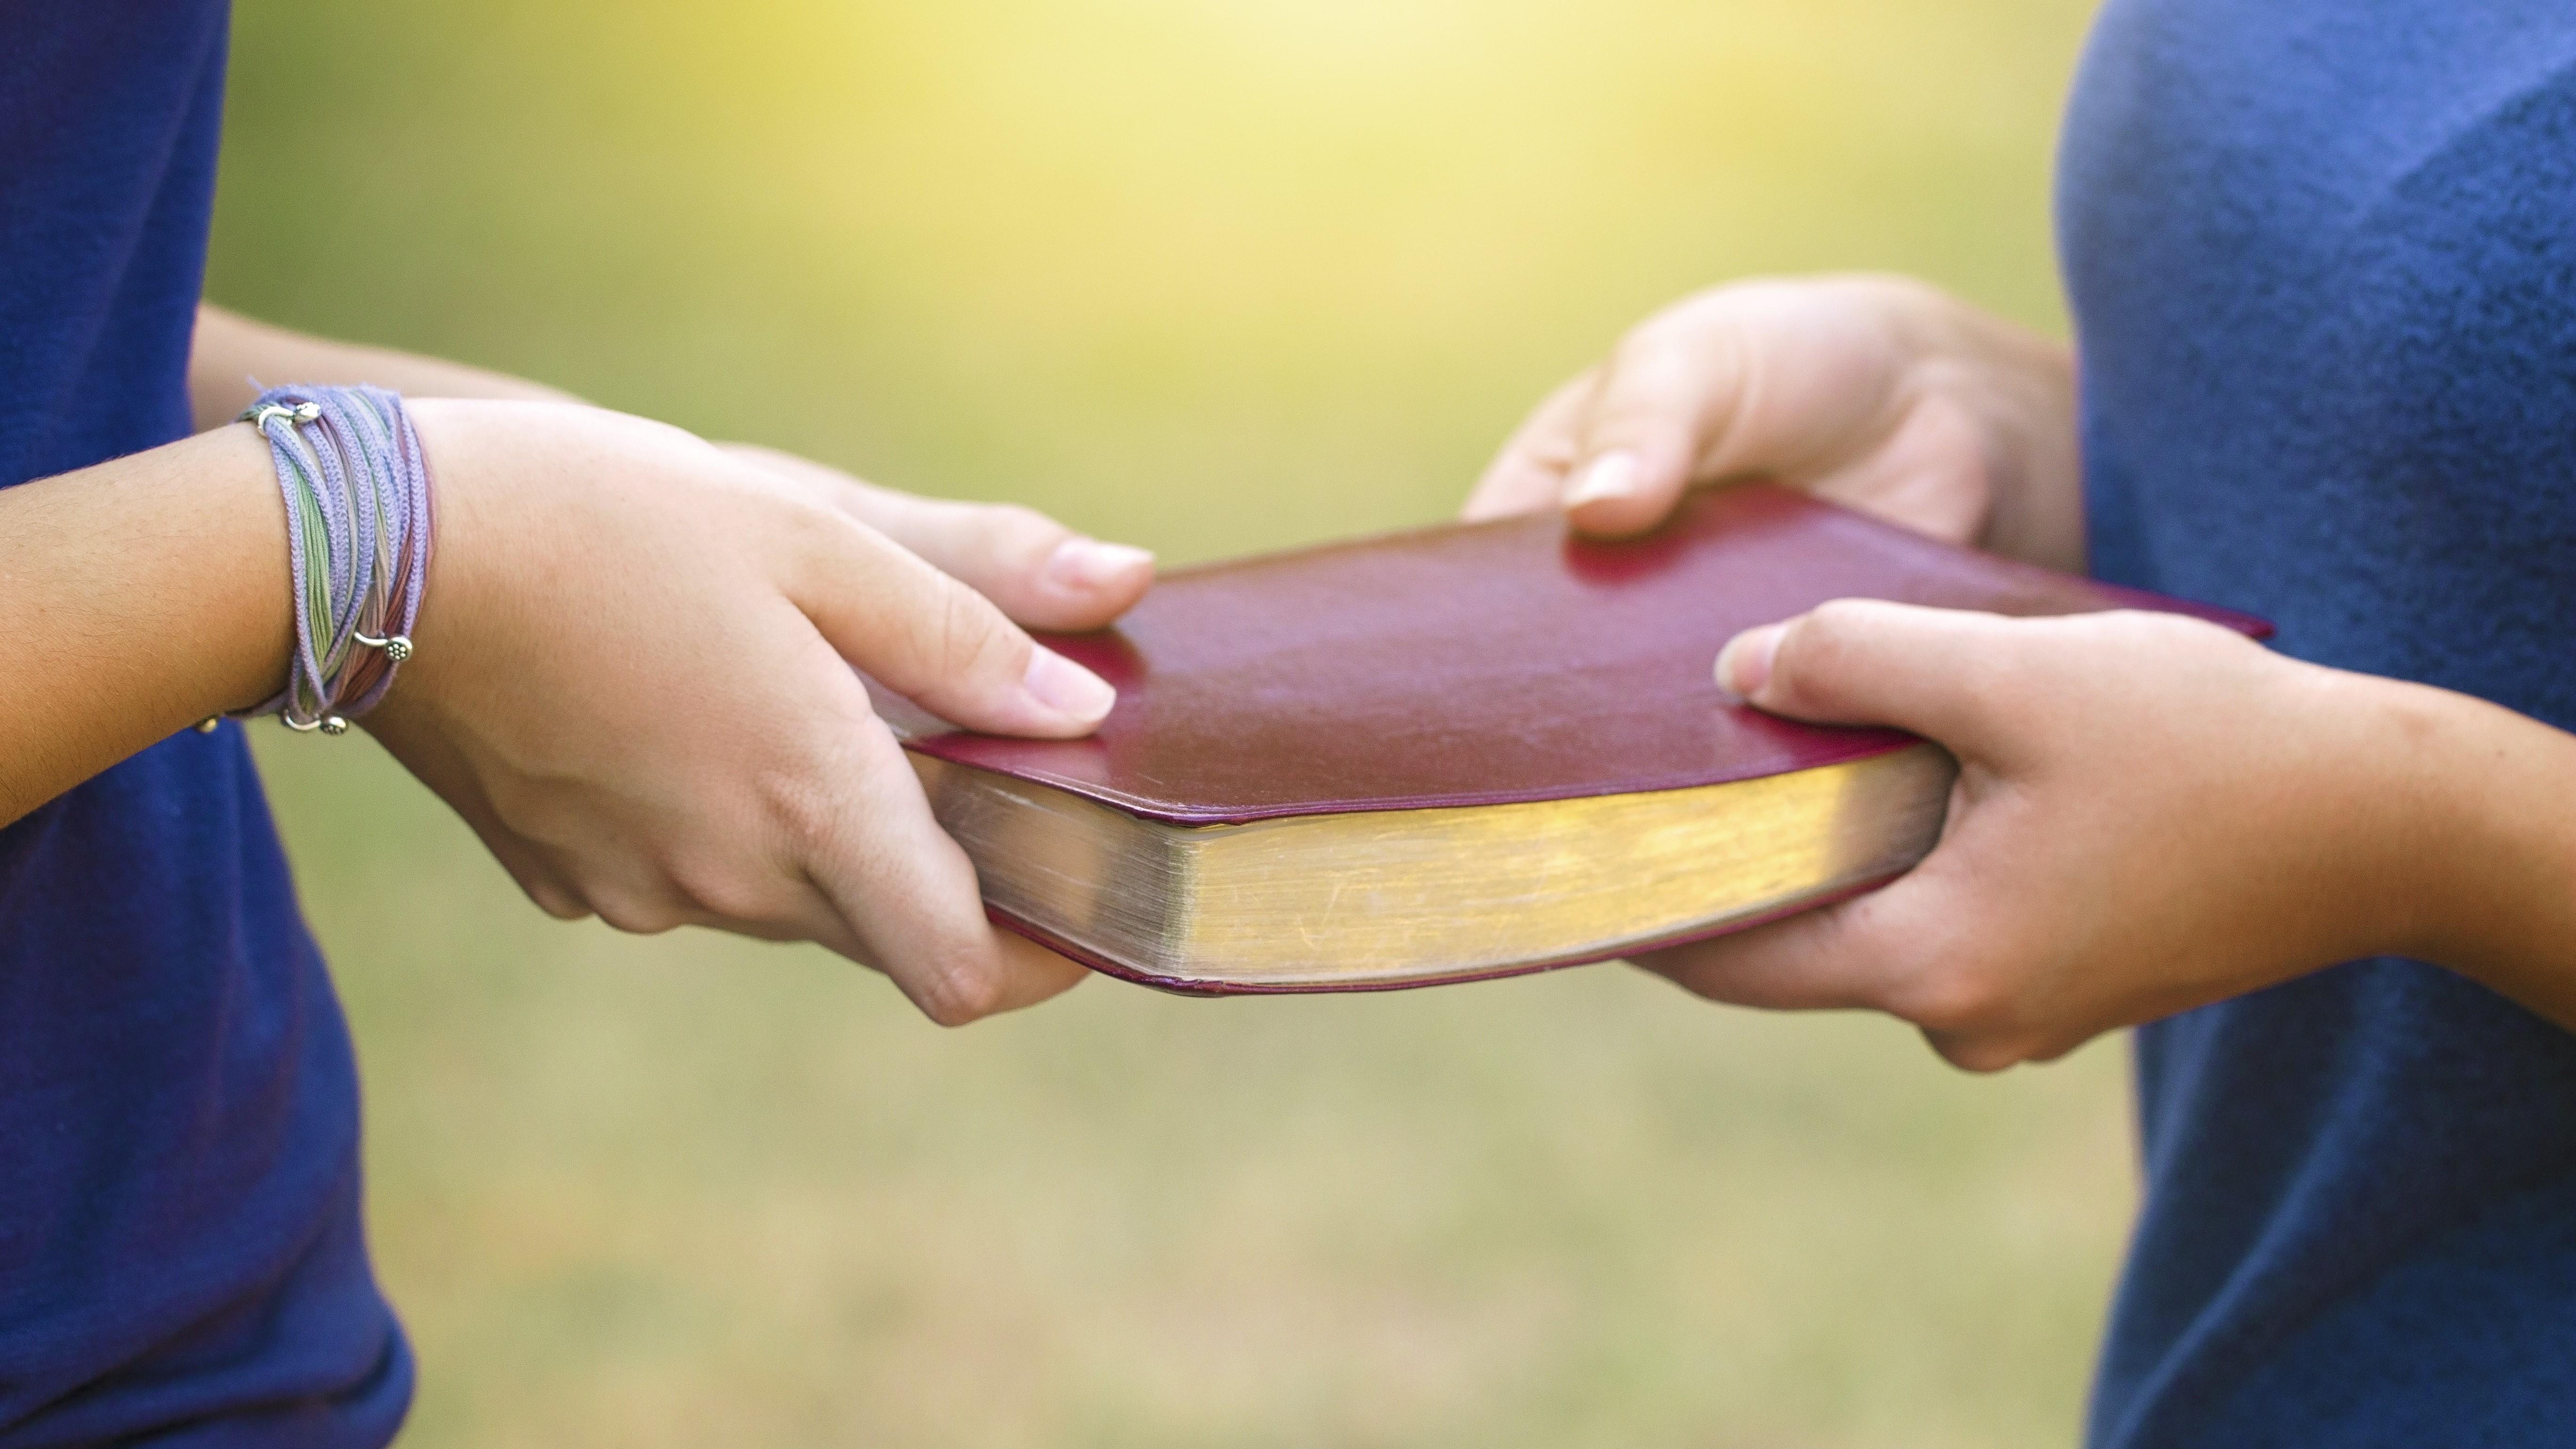 우리는 어떻게 믿음을 증거하고 있는가?